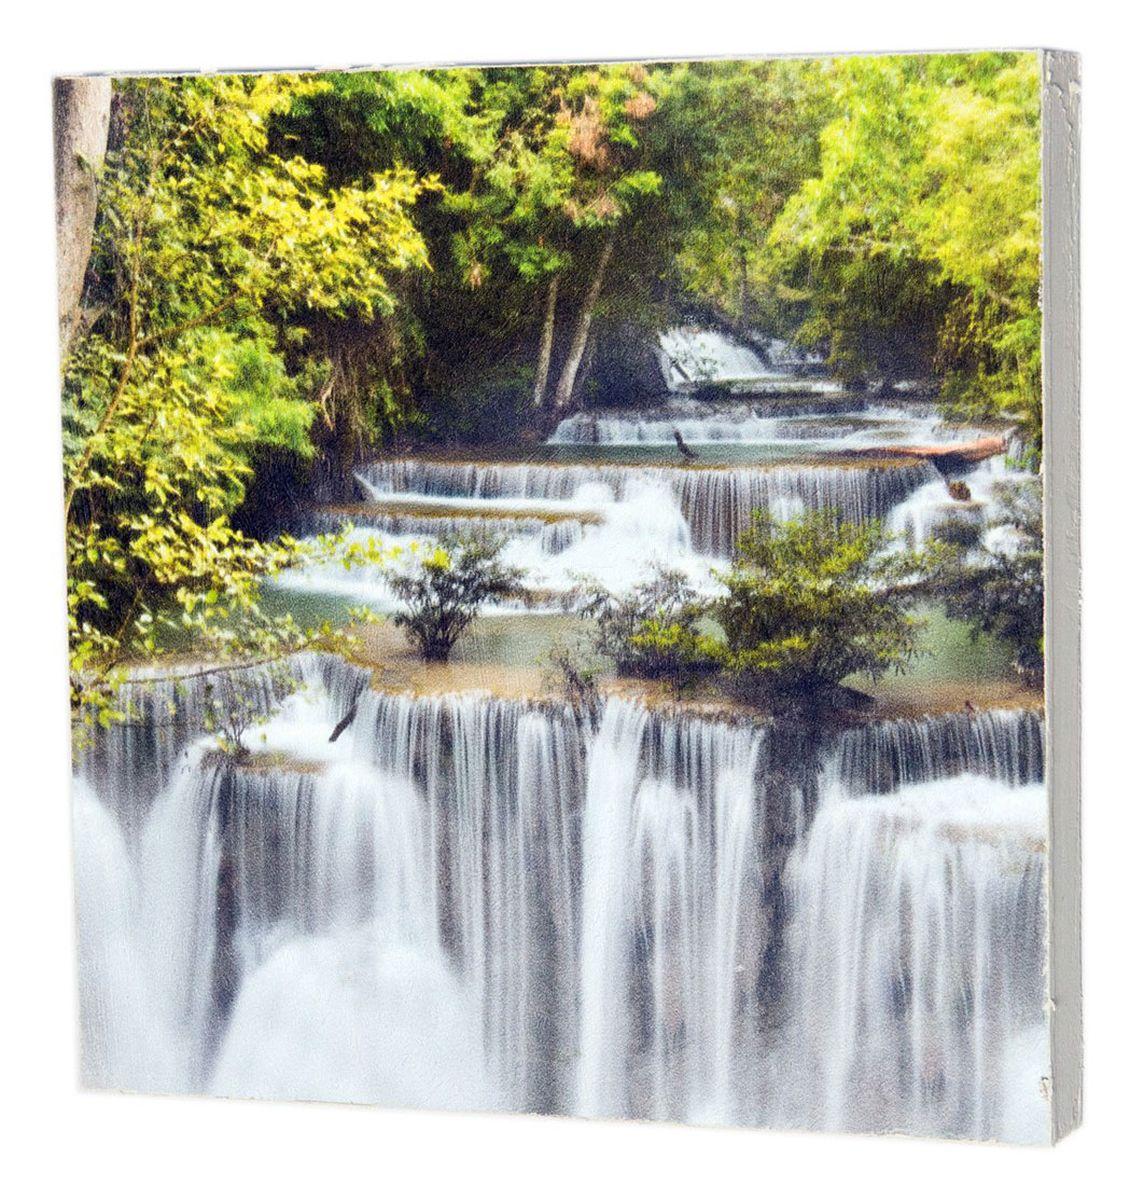 Картина Могущественный водопад, 22 х 22 см0264-22-22